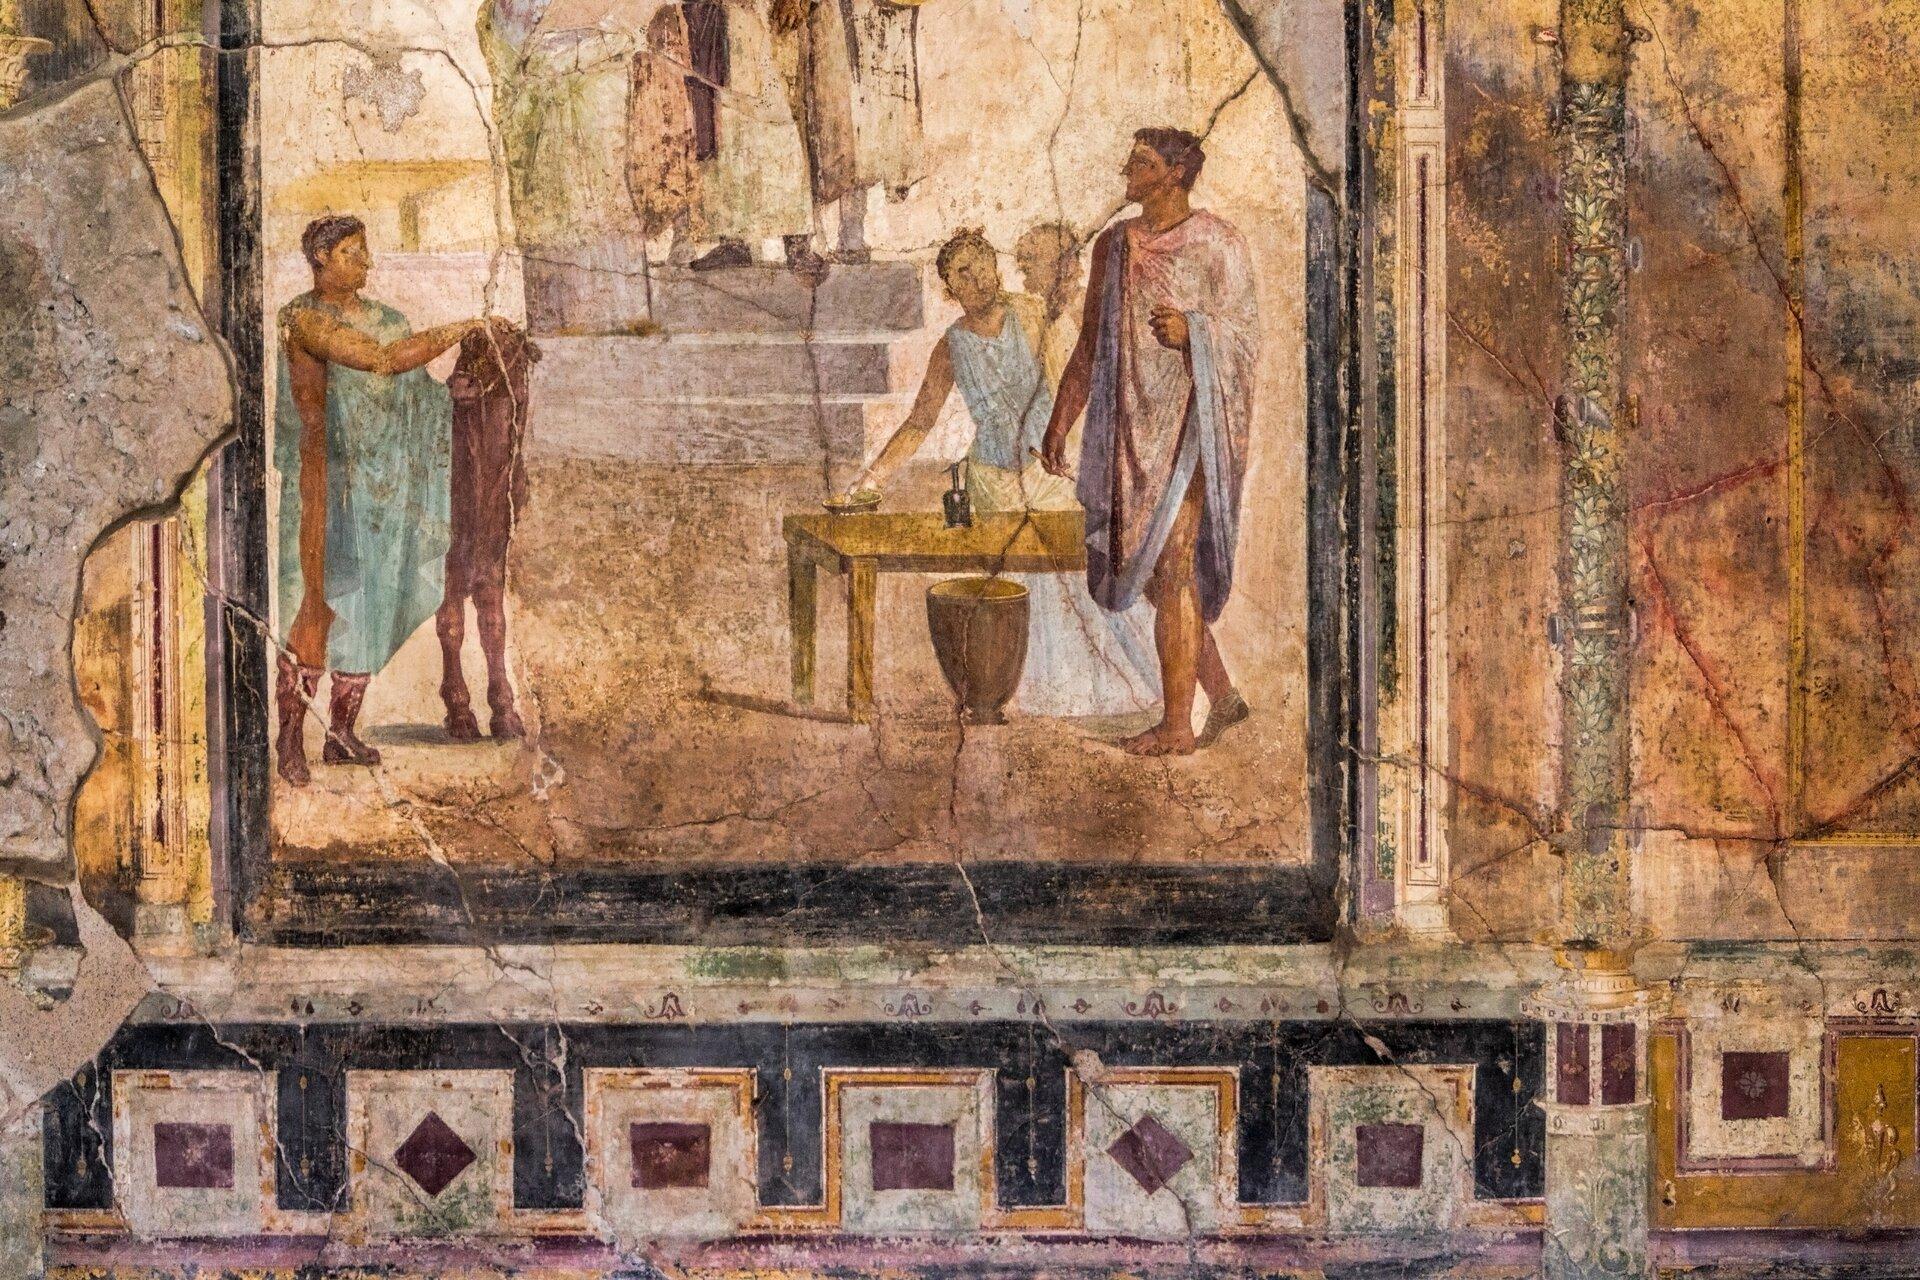 Kolorowa ilustracja przedstawia fresk ztzw. Domu Złotych Kupidynów wPompejach. Ukazane jest wnętrze pomieszczenia. Po prawej stronie znajduje się niewysoki stół, przy którym stoi troje ludzi. Na pierwszym planie ukazany jest mężczyzna wprostej szacie sięgającej za kolana. Przygląda się drugiemu, stojącemu wlewej części obrazu. Tamten, ubrany wzwiewną zielononiebieską szatę, trzyma przed sobą wysoki płaski przedmiot stojący na dwóch nogach; być może jest to instrument muzyczny. Wtle obrazu znajdują się schody prowadzące do wnętrza mieszkania. Fresk wdolnej części udekorowany jest motywem meandrycznym, zaś po jego prawej stronie znajduje się namalowana ozdobna kolumna. Lewa strona fresku uległa zniszczeniu.